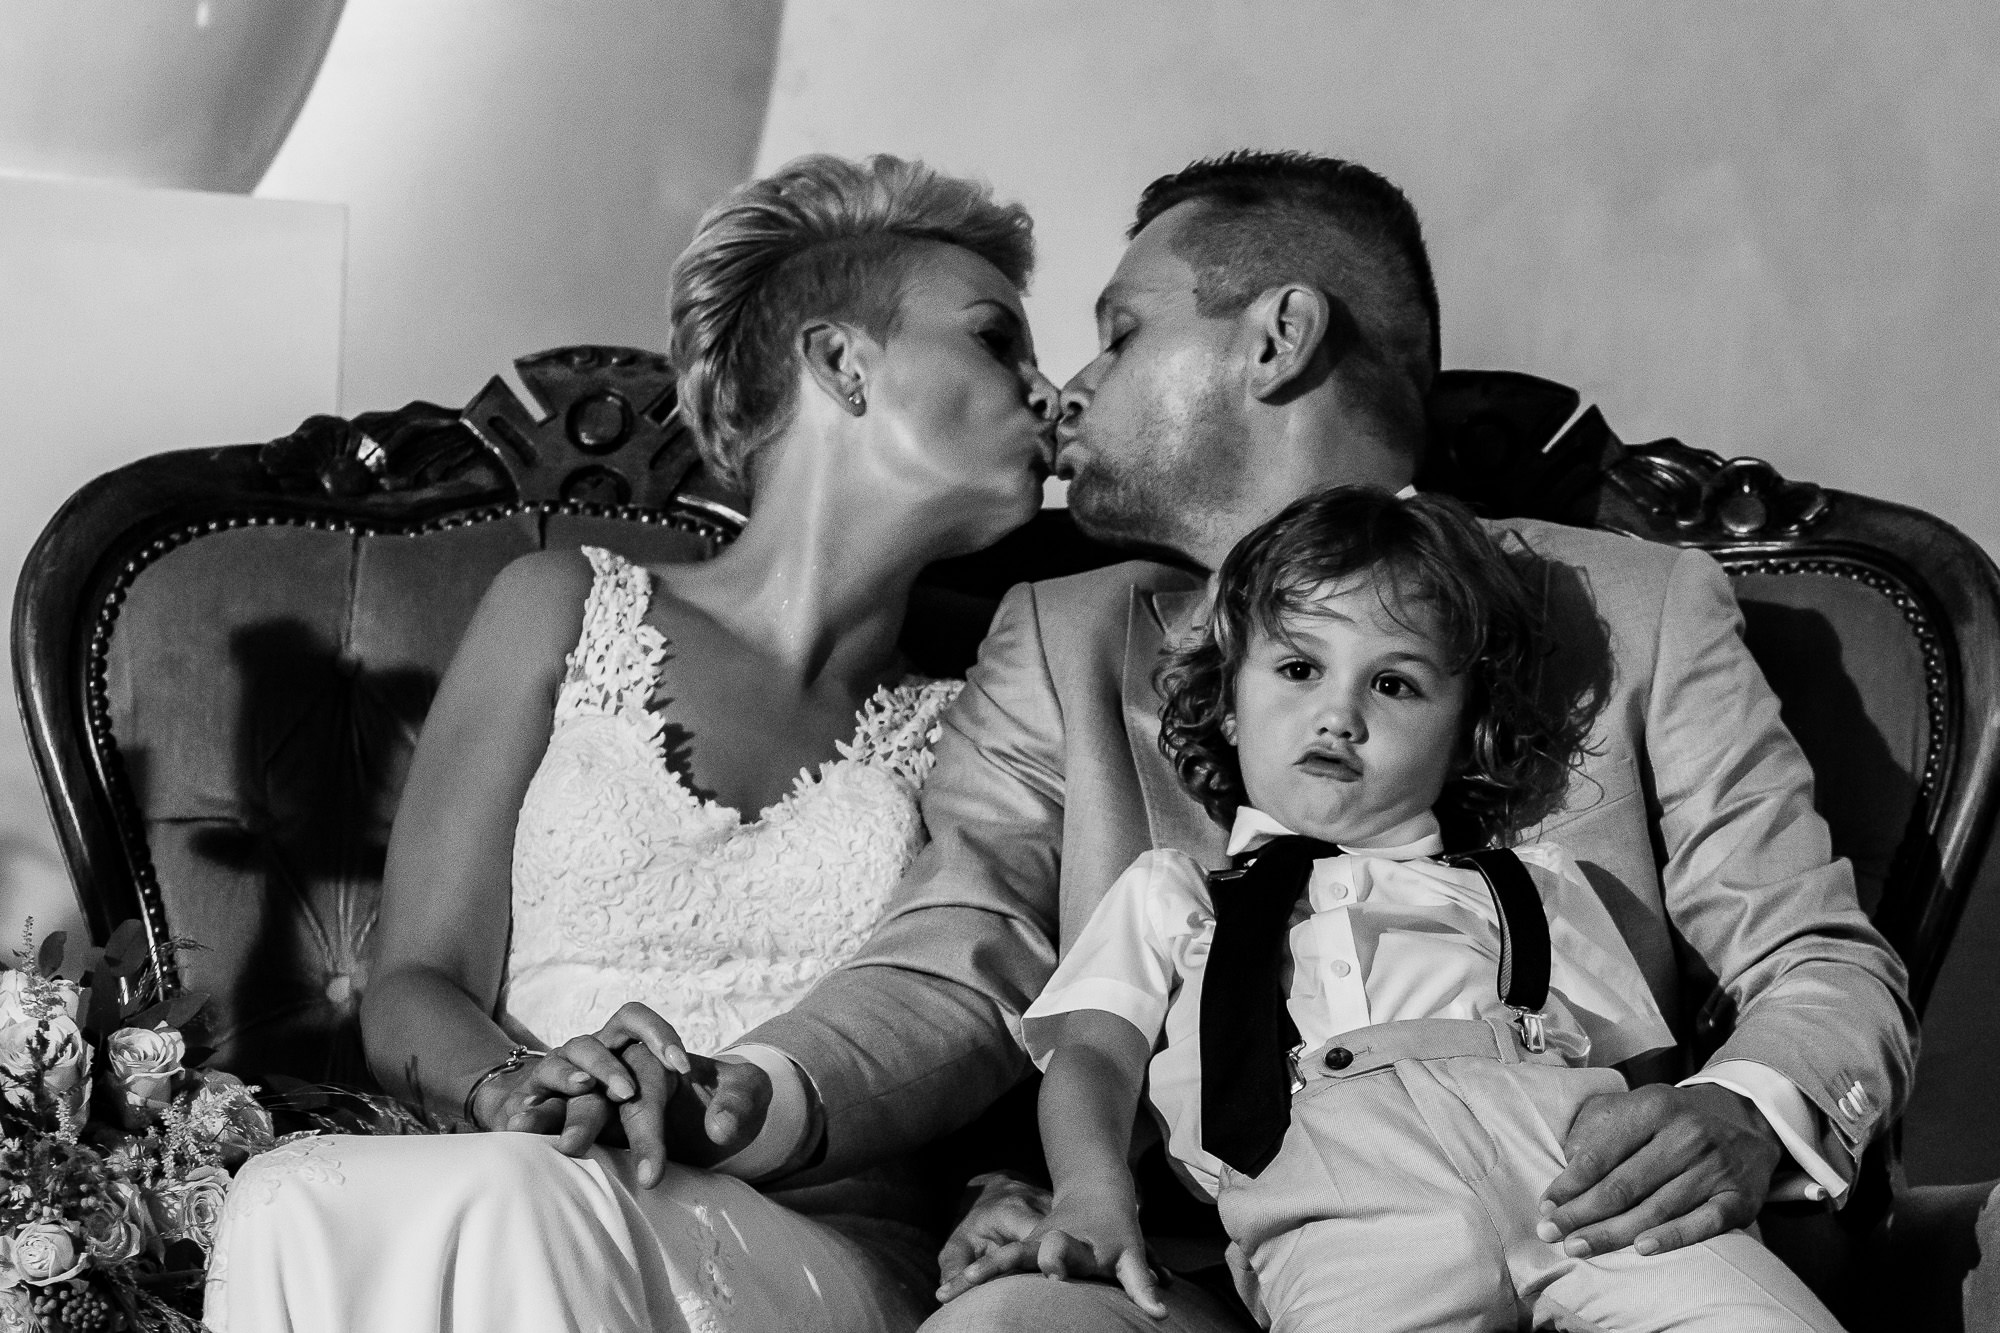 Kindje trekt een gekkenbek terwijl papa en mama kussen